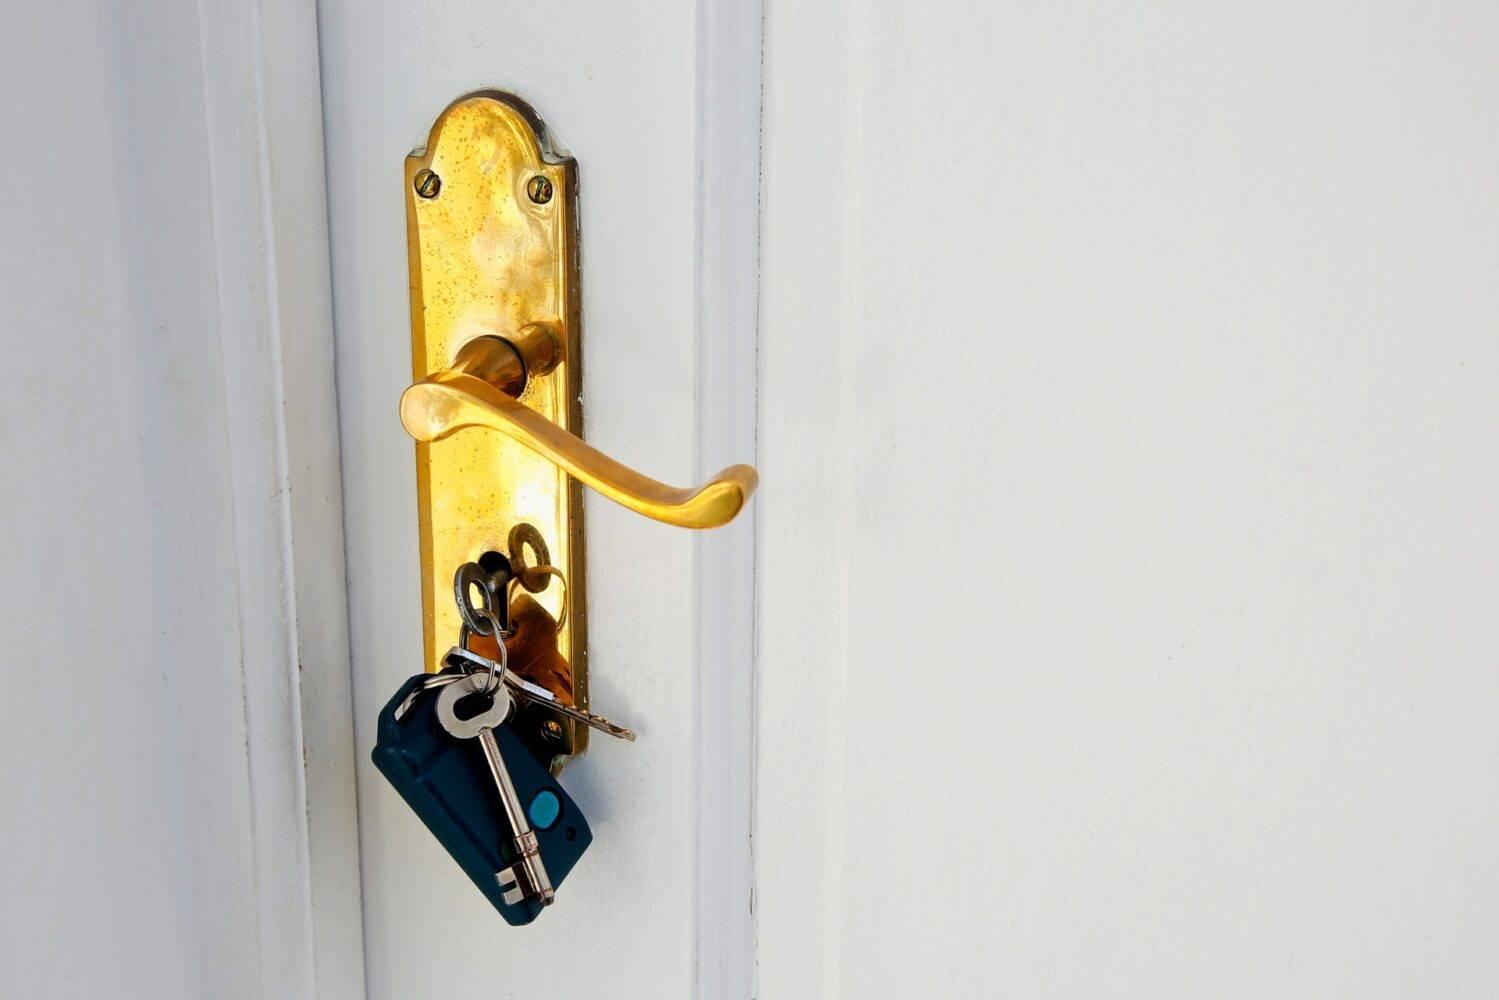 Cómo abrir una puerta con la llave por dentro.